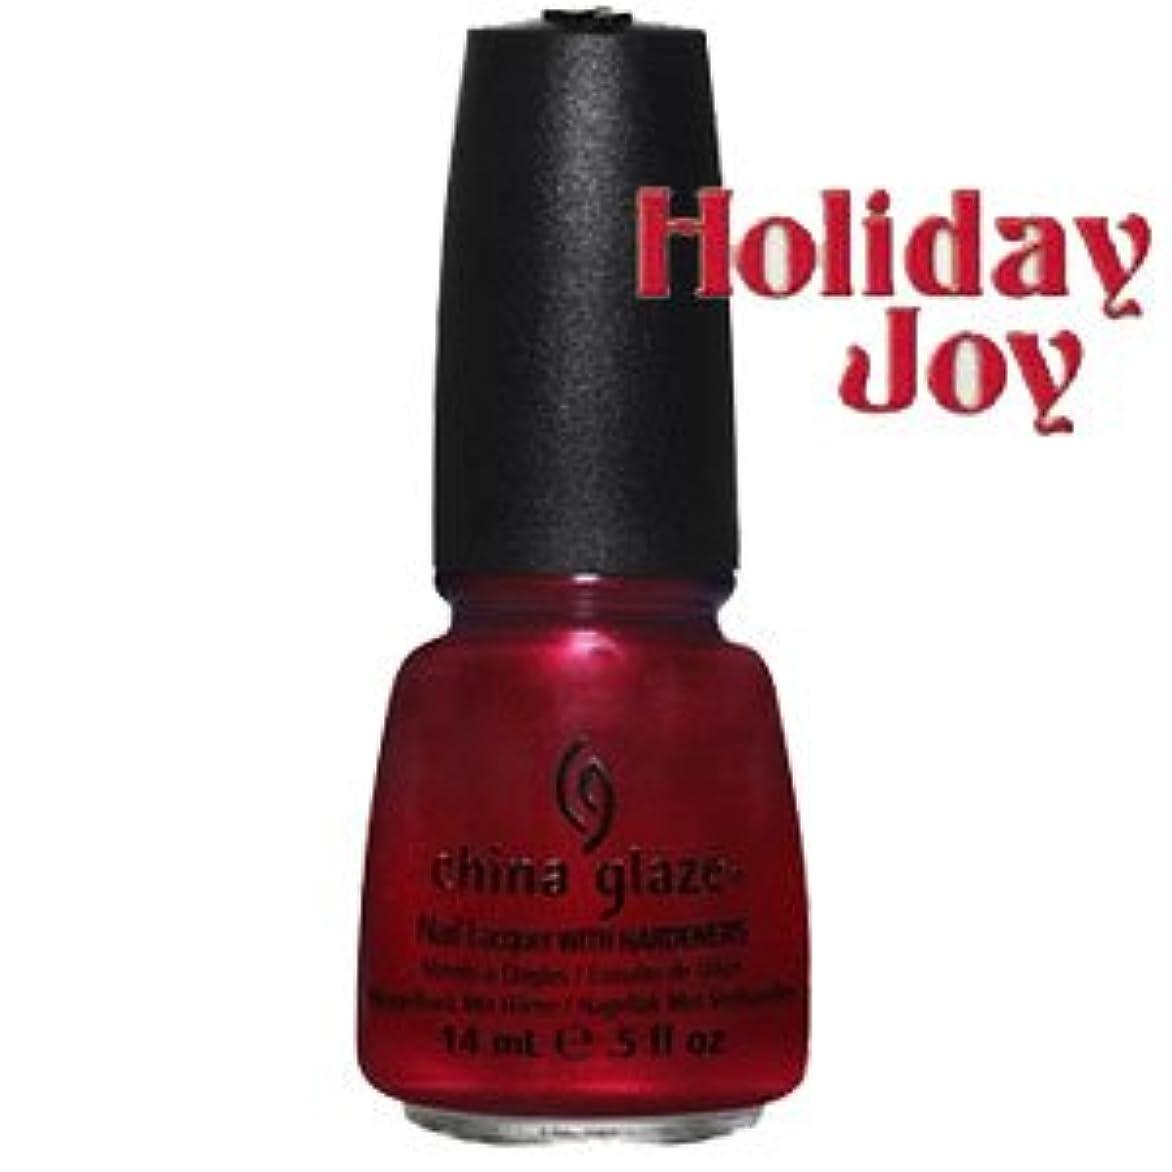 リラックスした集まるとんでもない(チャイナグレイズ)China Glaze Cranberry Splashー'12Holiday Joy コレクション [海外直送品][並行輸入品]